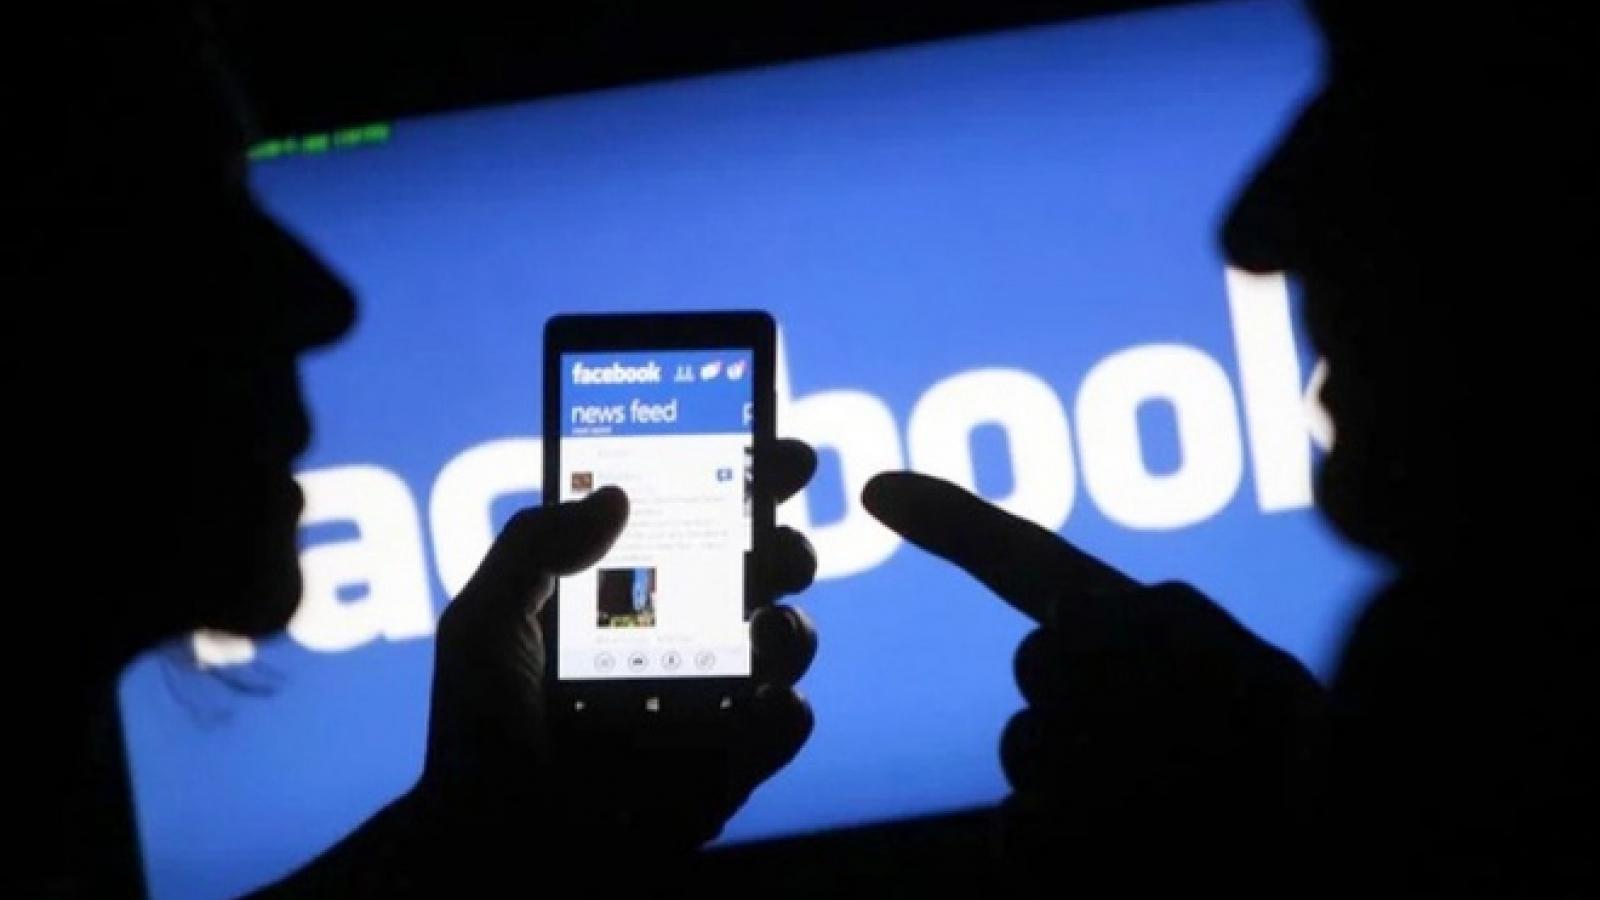 Phạt 5 triệu đồng vì đăng thông tinxúc phạm người khác trênFacebook